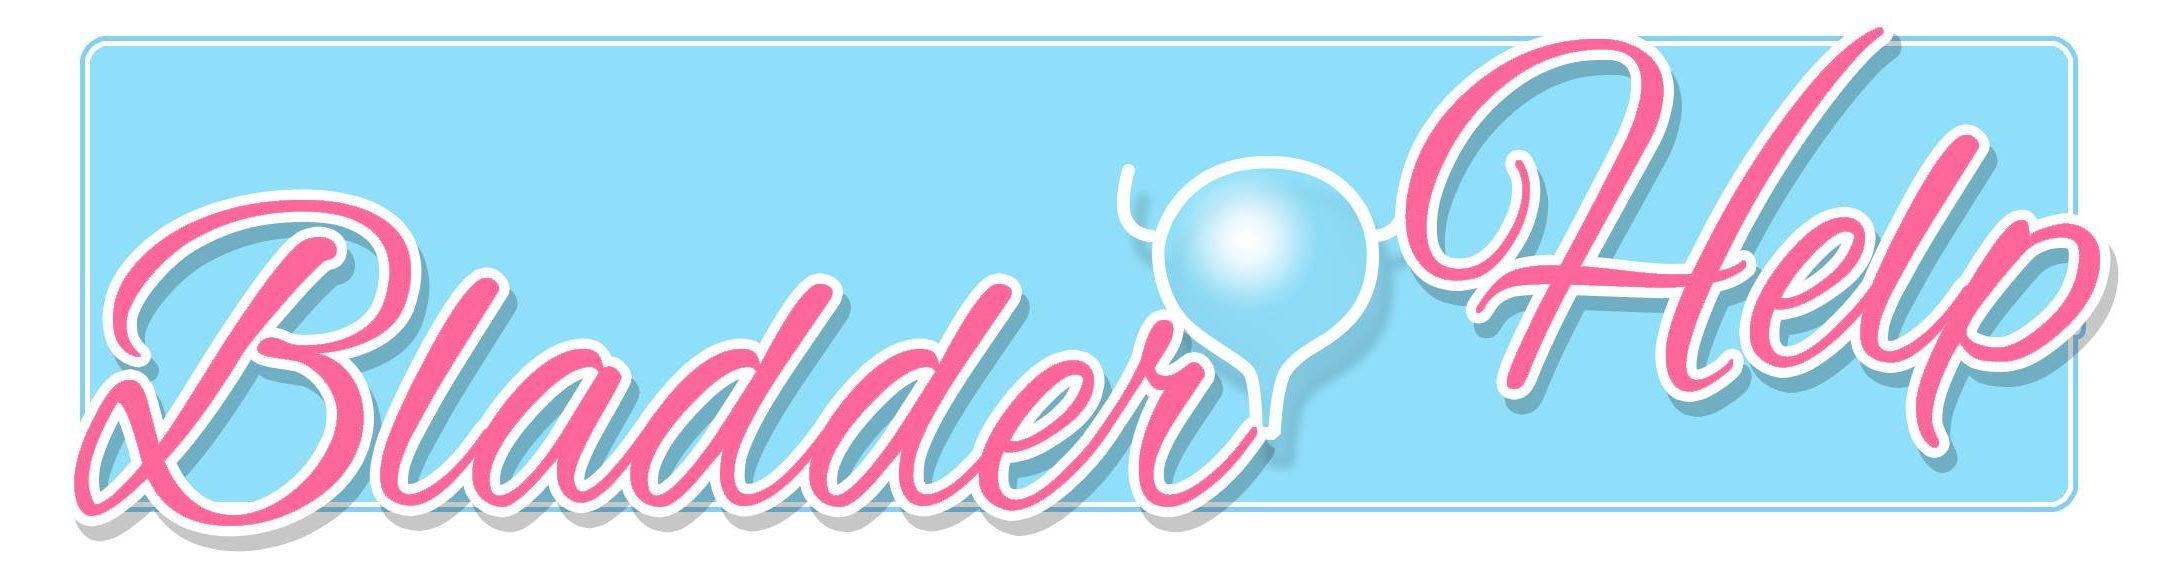 Bladder Help